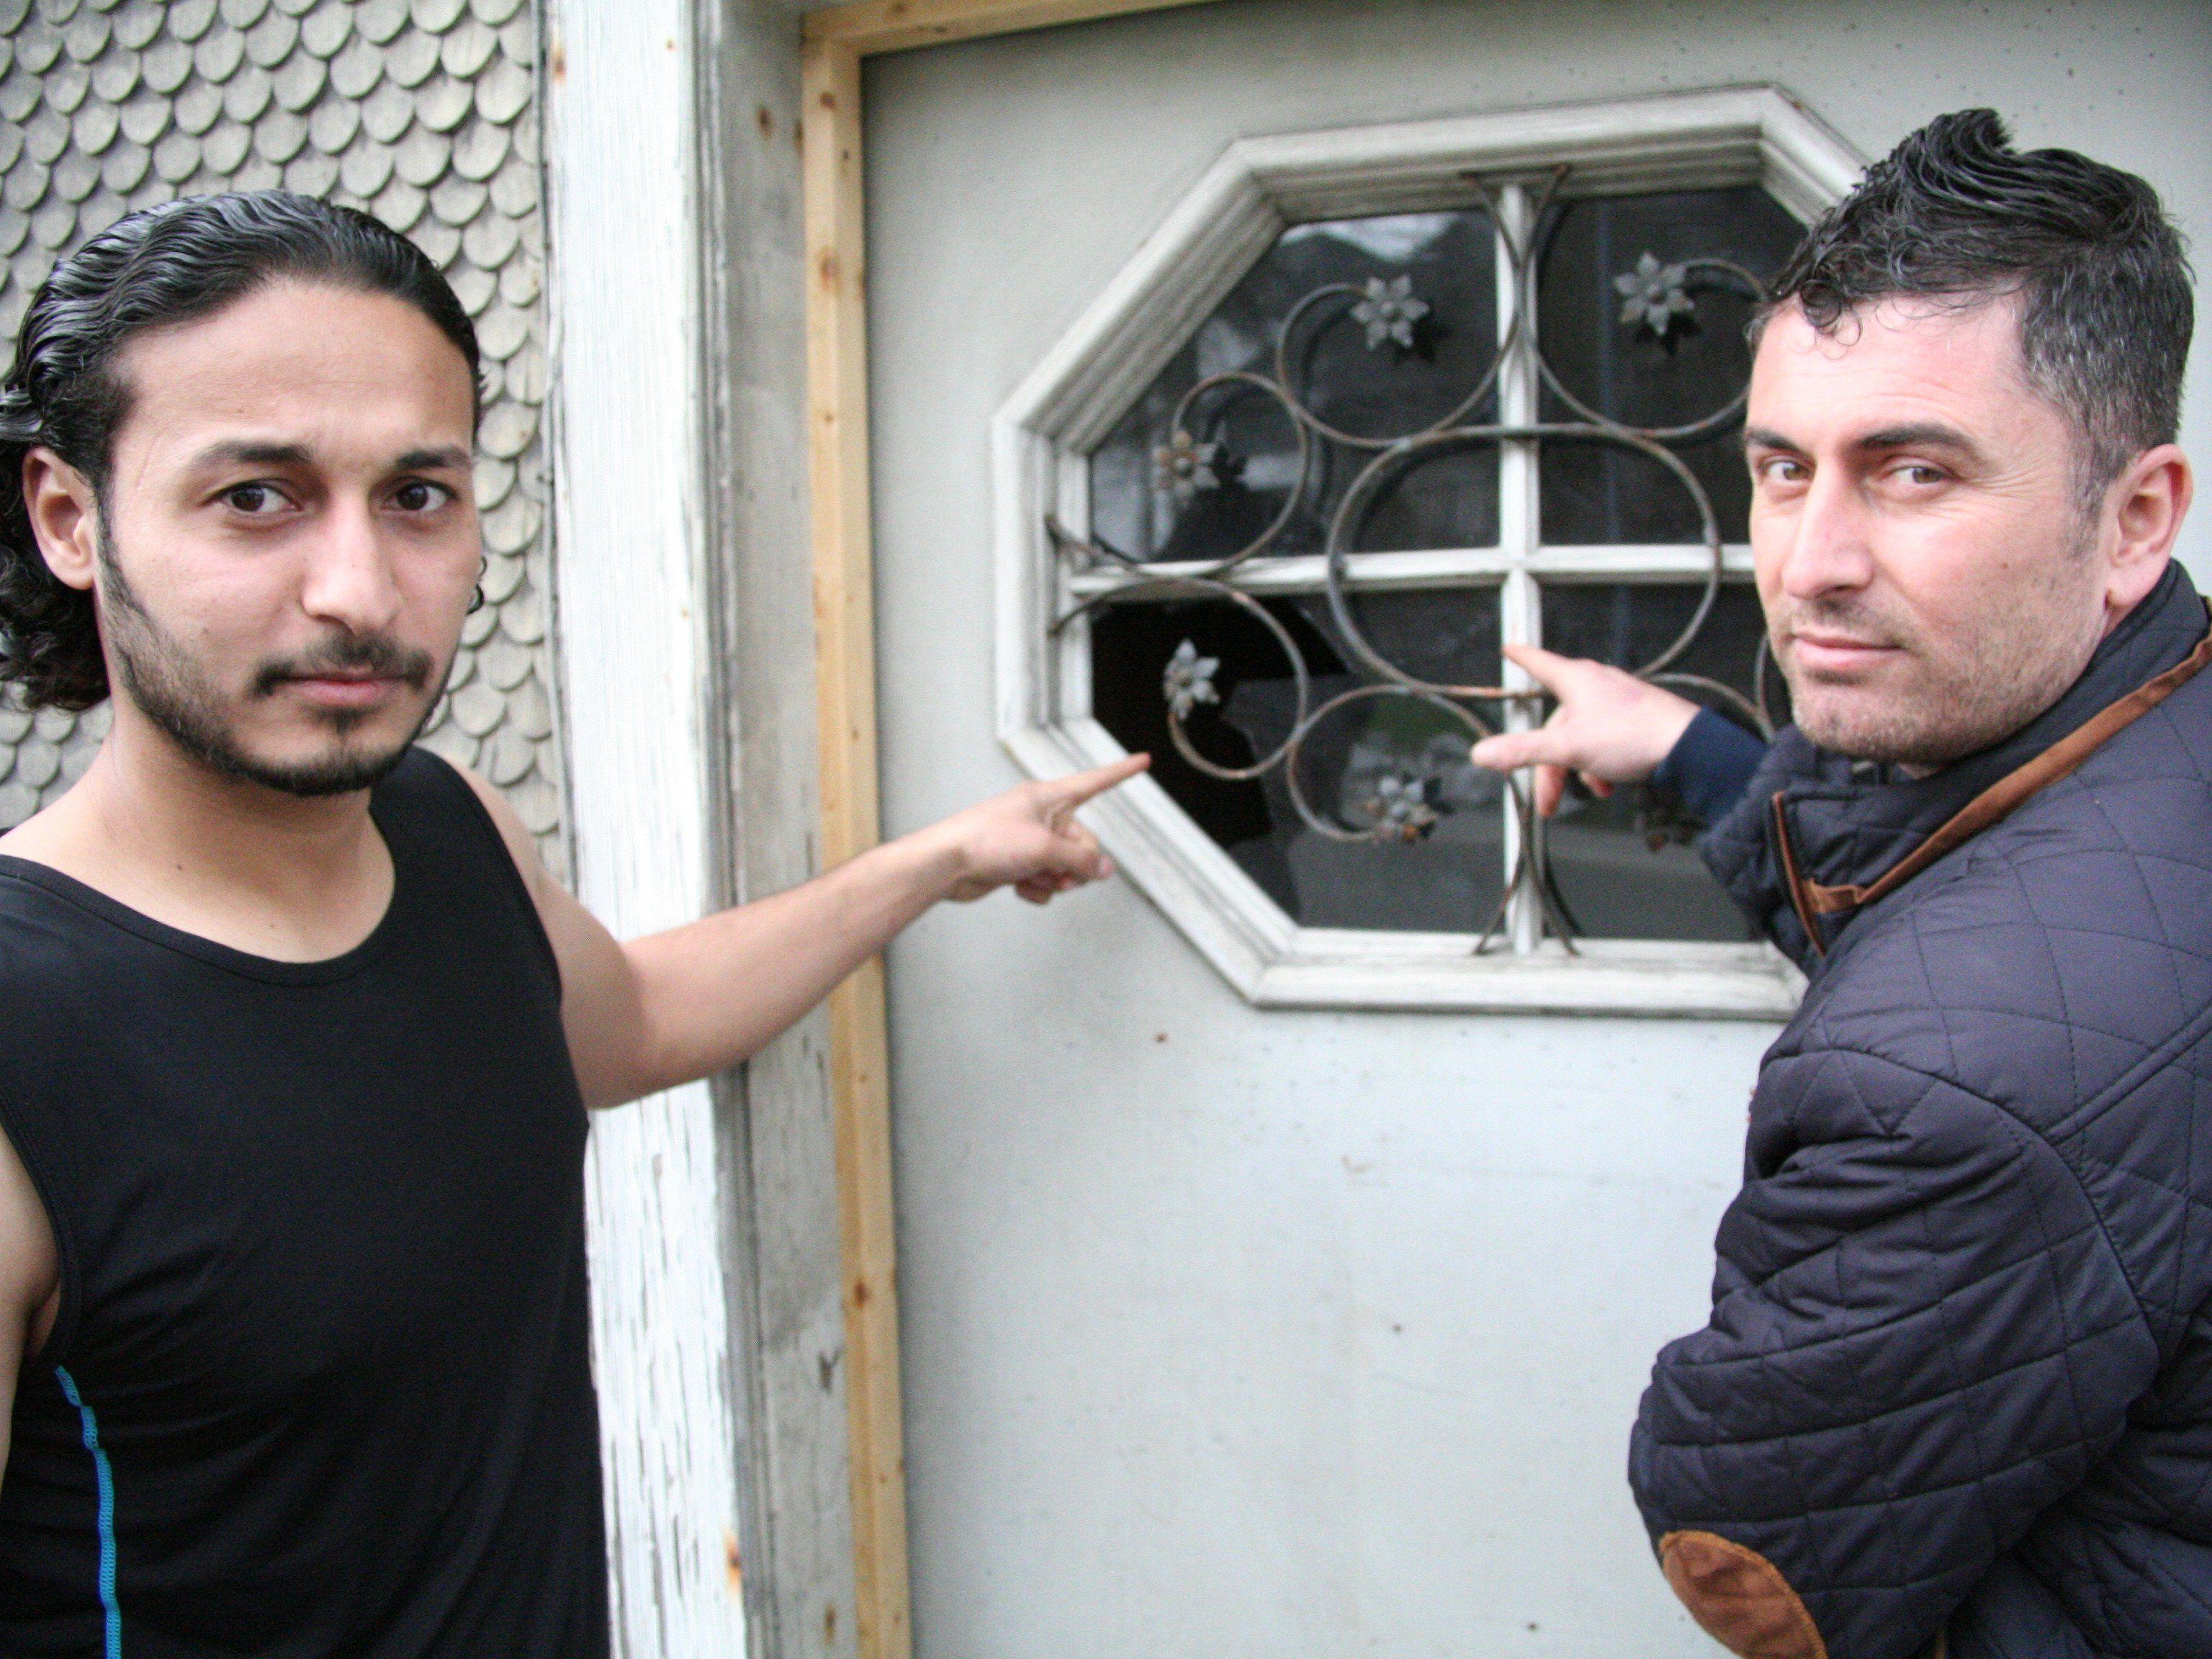 Schockiert: Leith (l.) und Azad zeigen auf das eingeschlagene Fenster der Eingangstür.